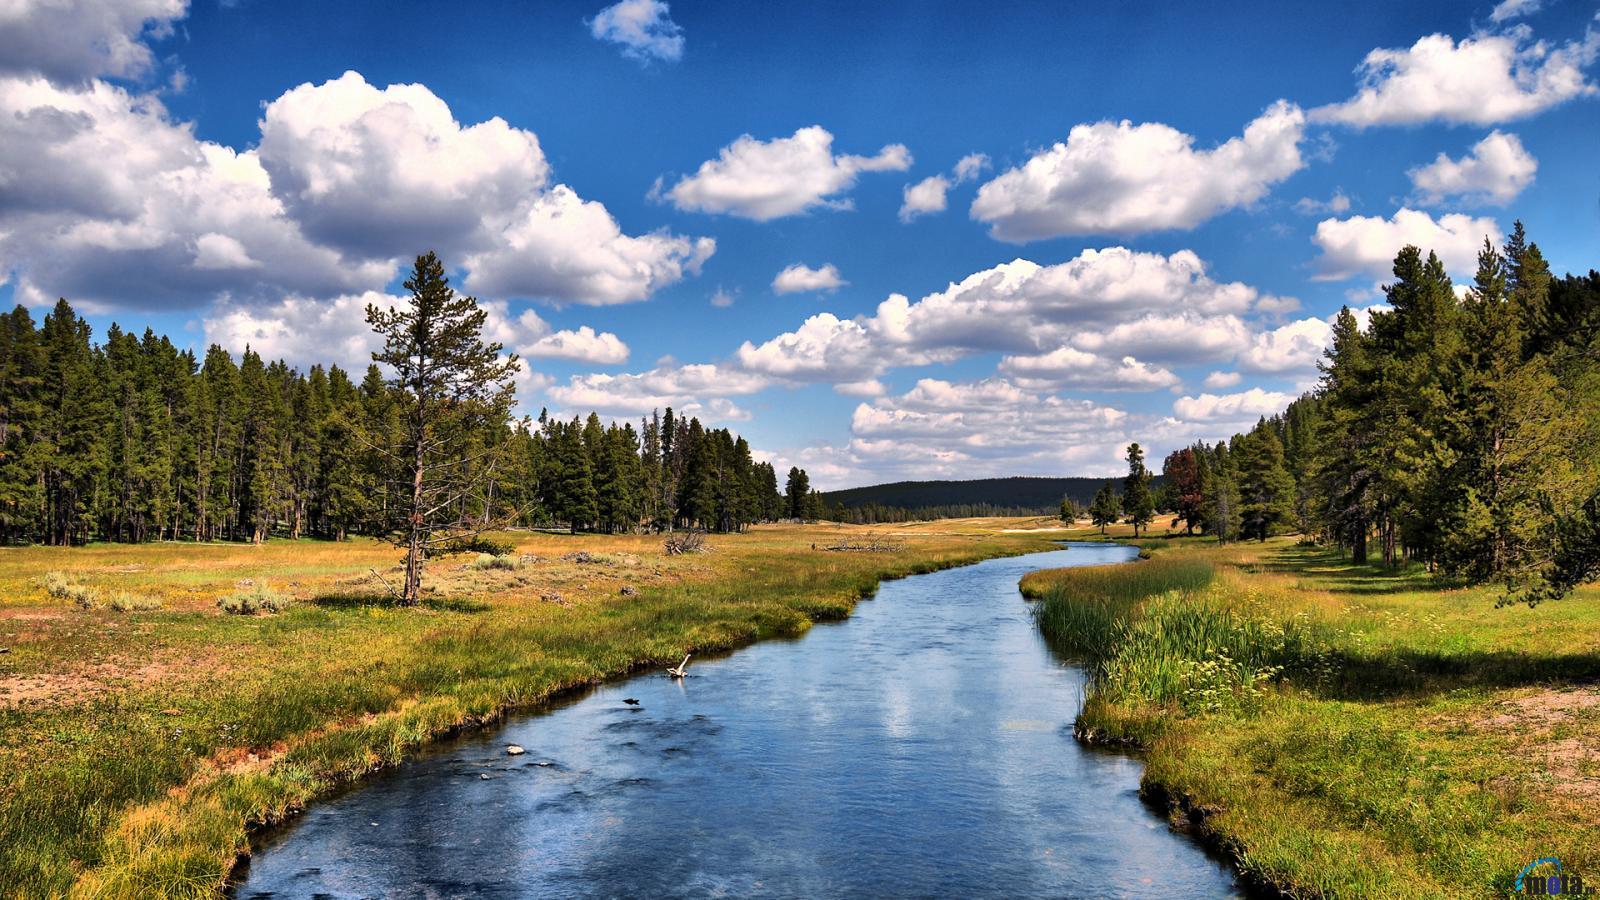 Hvojnye-les-Coniferous-forest-Best-Hd-wallpapers-foto-picture-Krasivye-fotografii-hvojnyh-lesov-mira-dlya-rabochego-stola-oboi-v-vysokom-kachestve-hd-izobrazheniya-s-razresheniem-1600x900